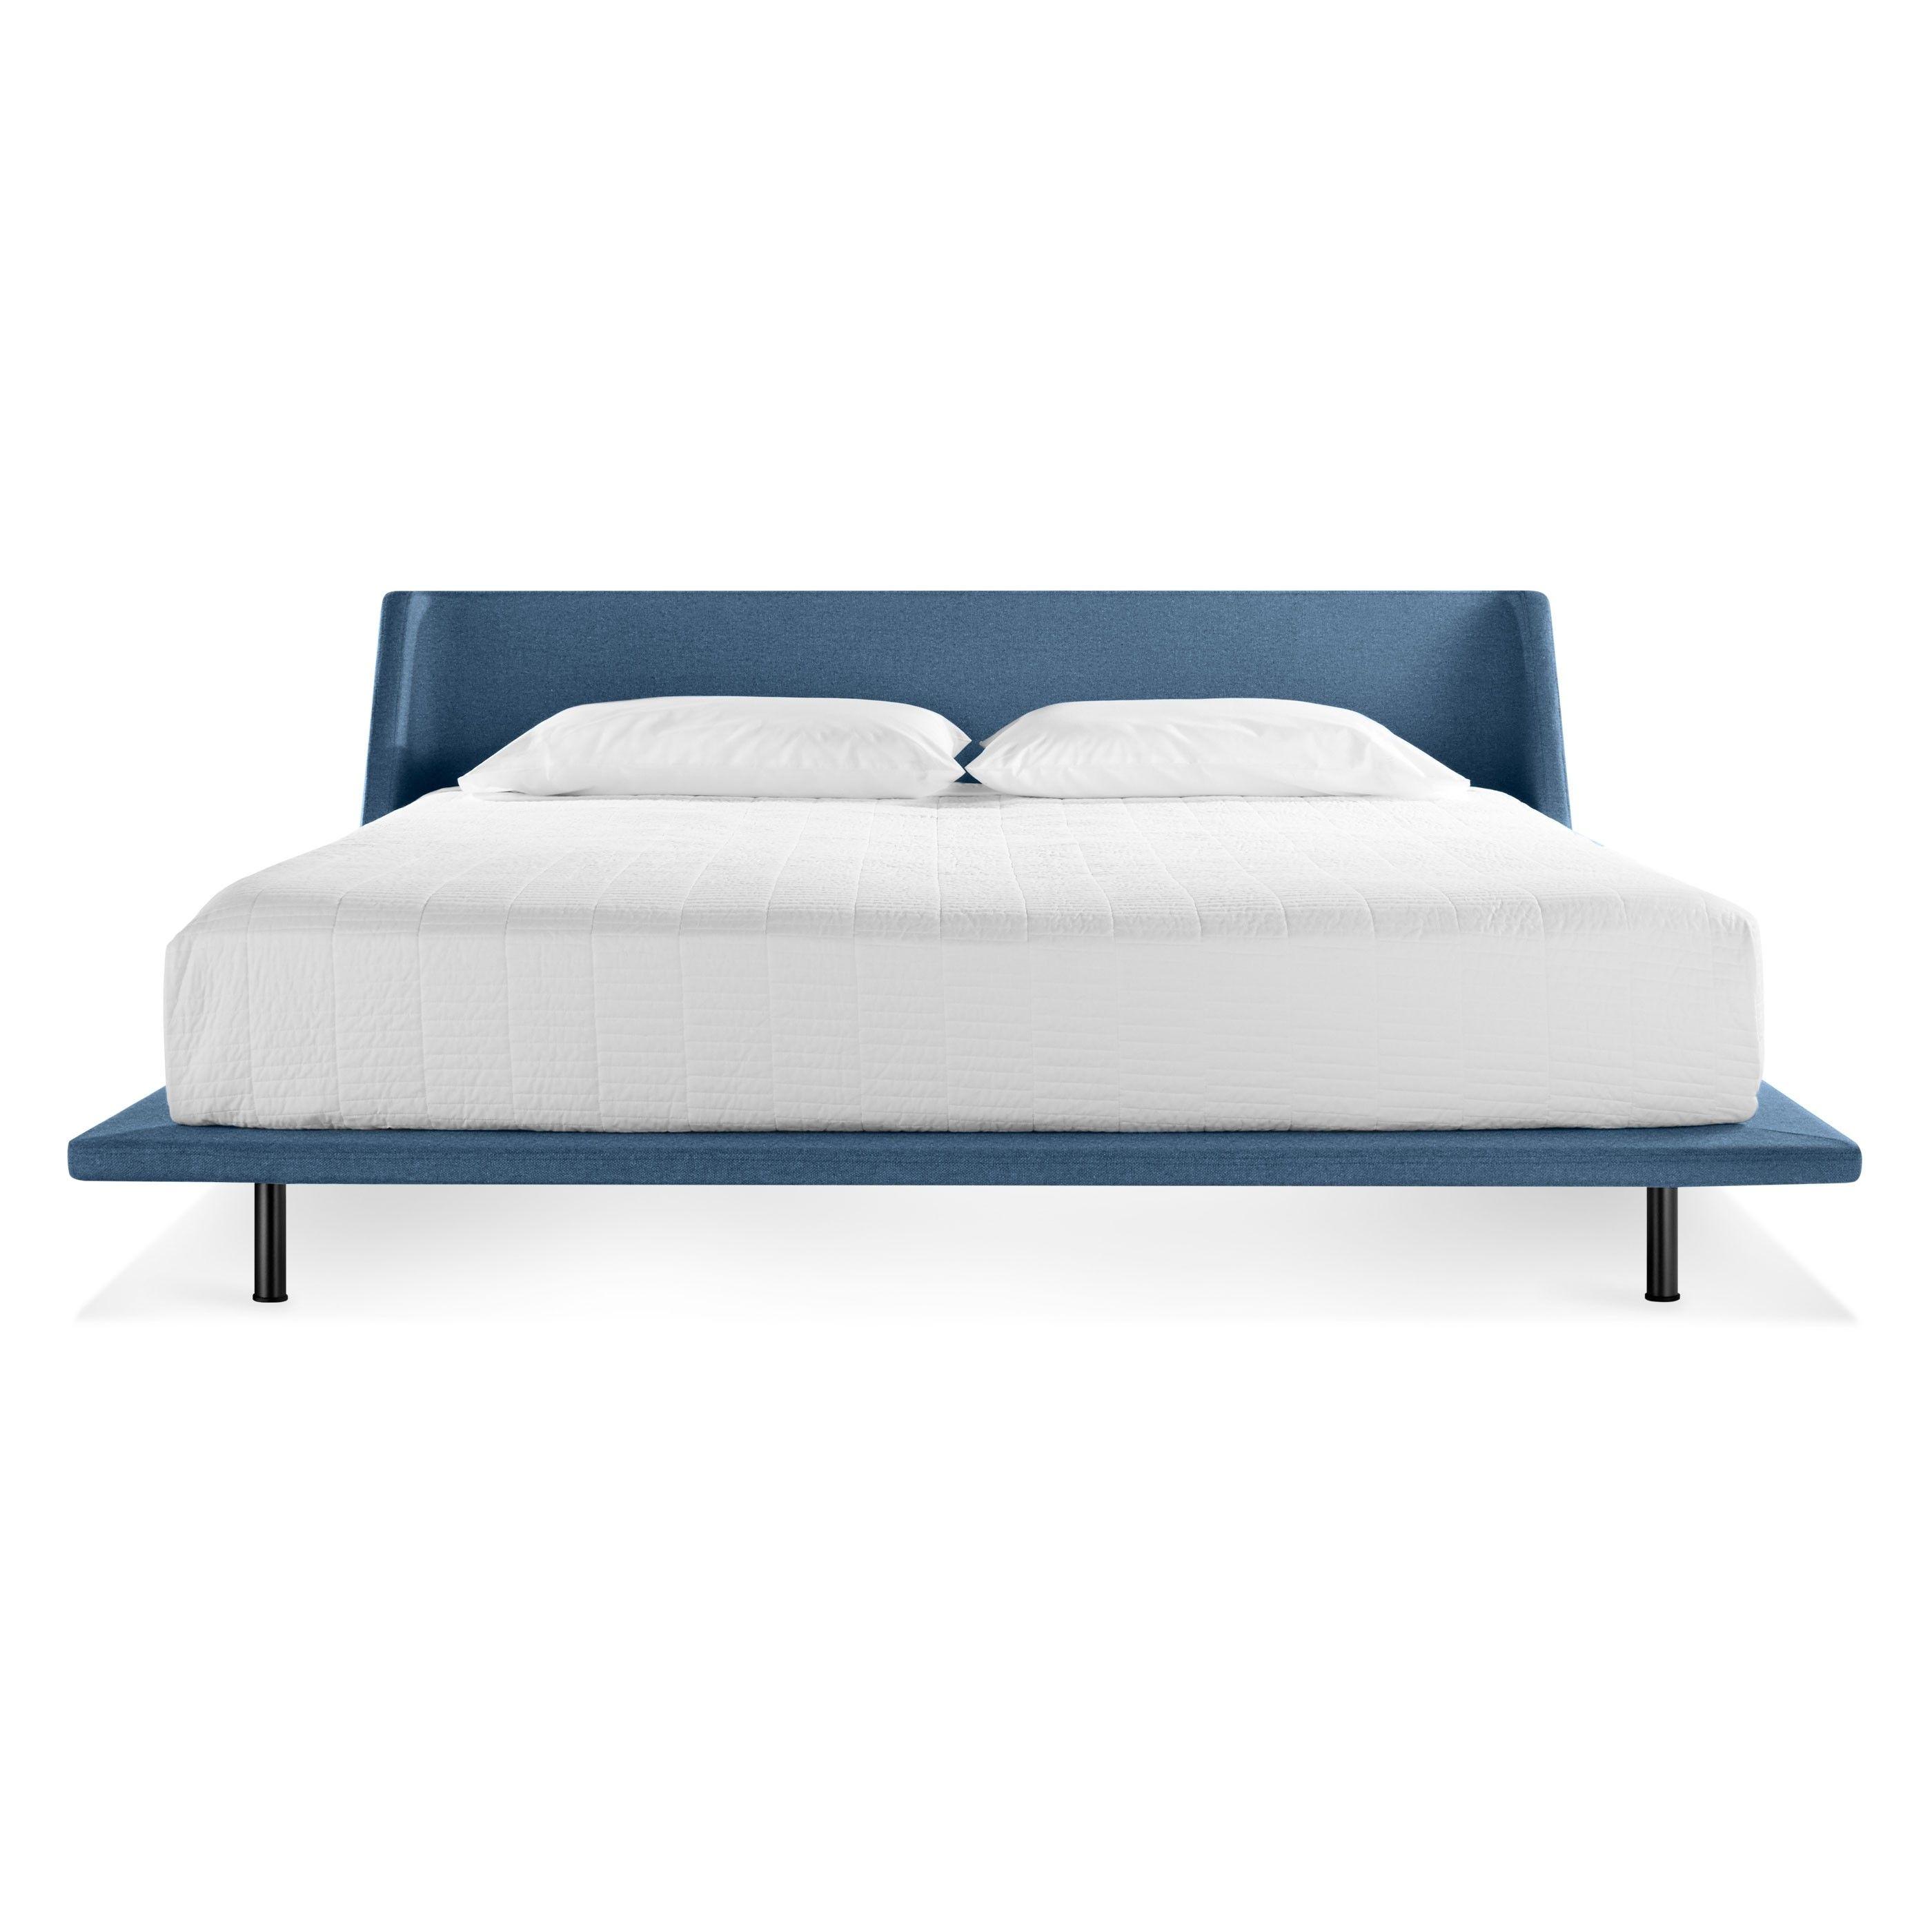 e051d0d5d841 Nook King Bed - Modern King Bed